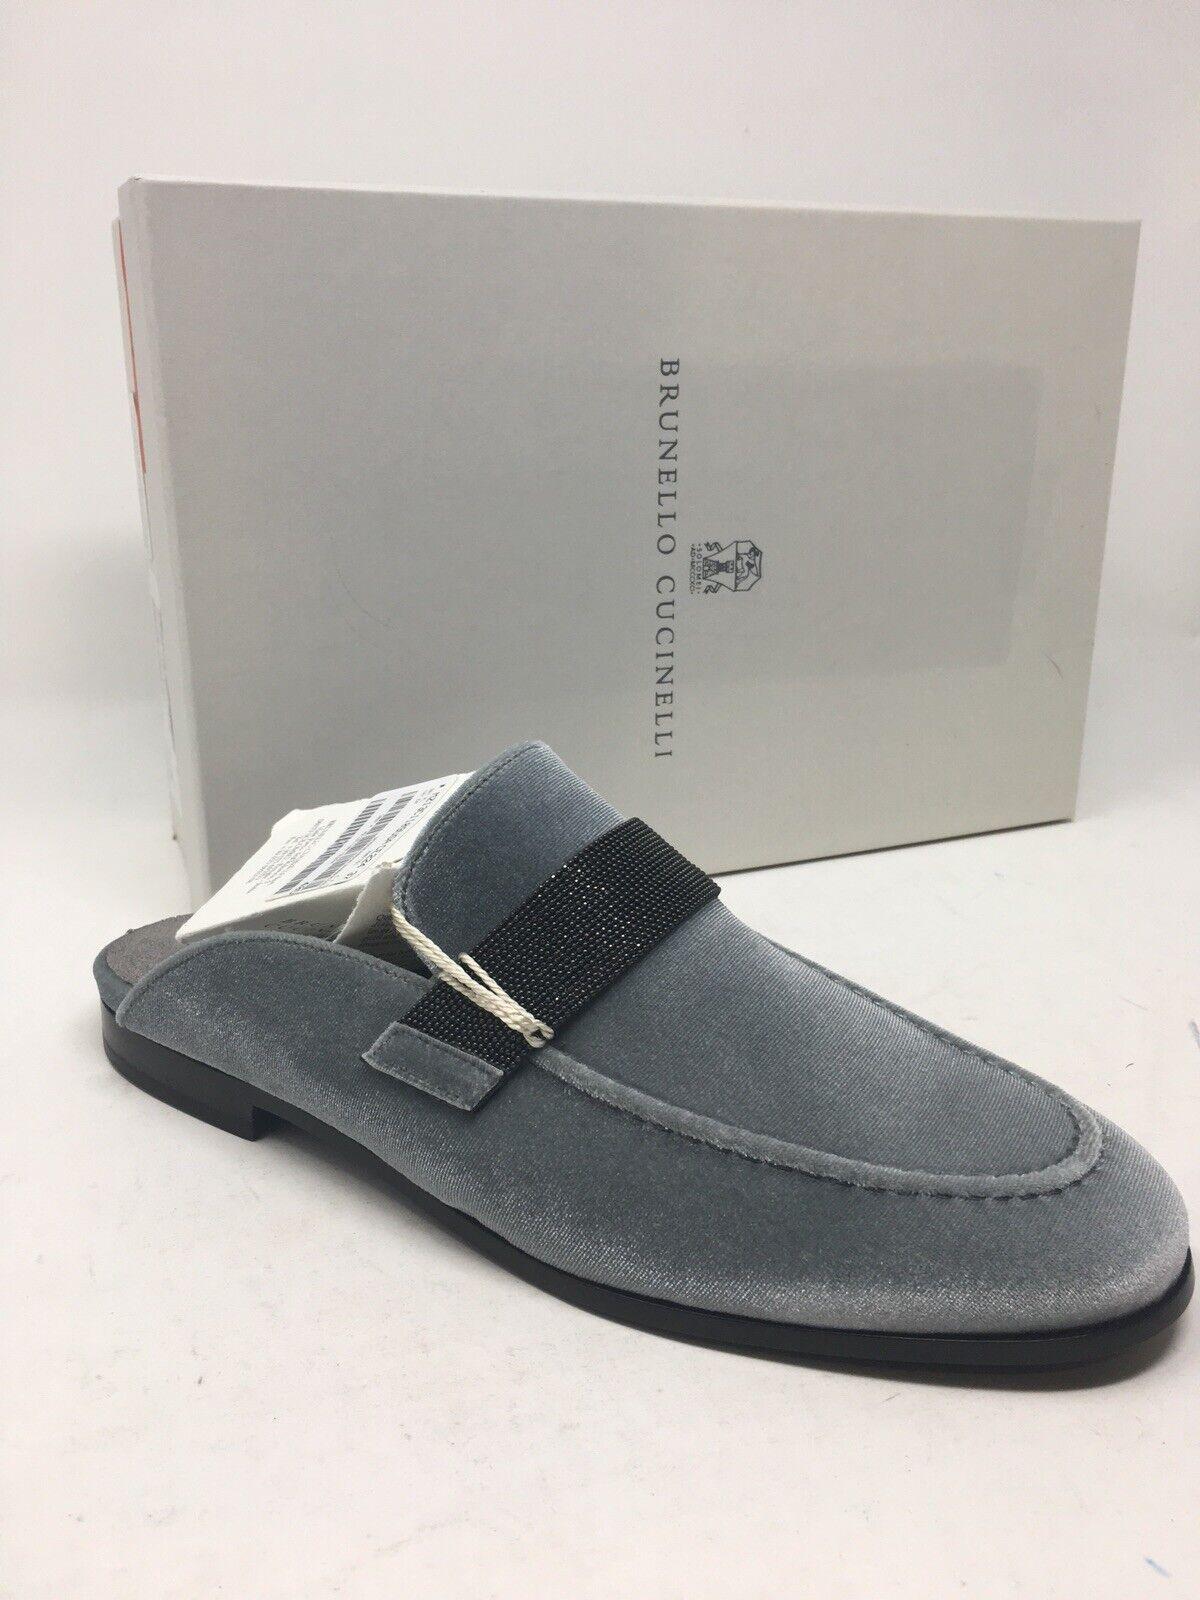 1.345, zapatos fehombresinos Bcorrerello cucinelli, gris, zapatillas azules, talla 38,8 de EE.UU.